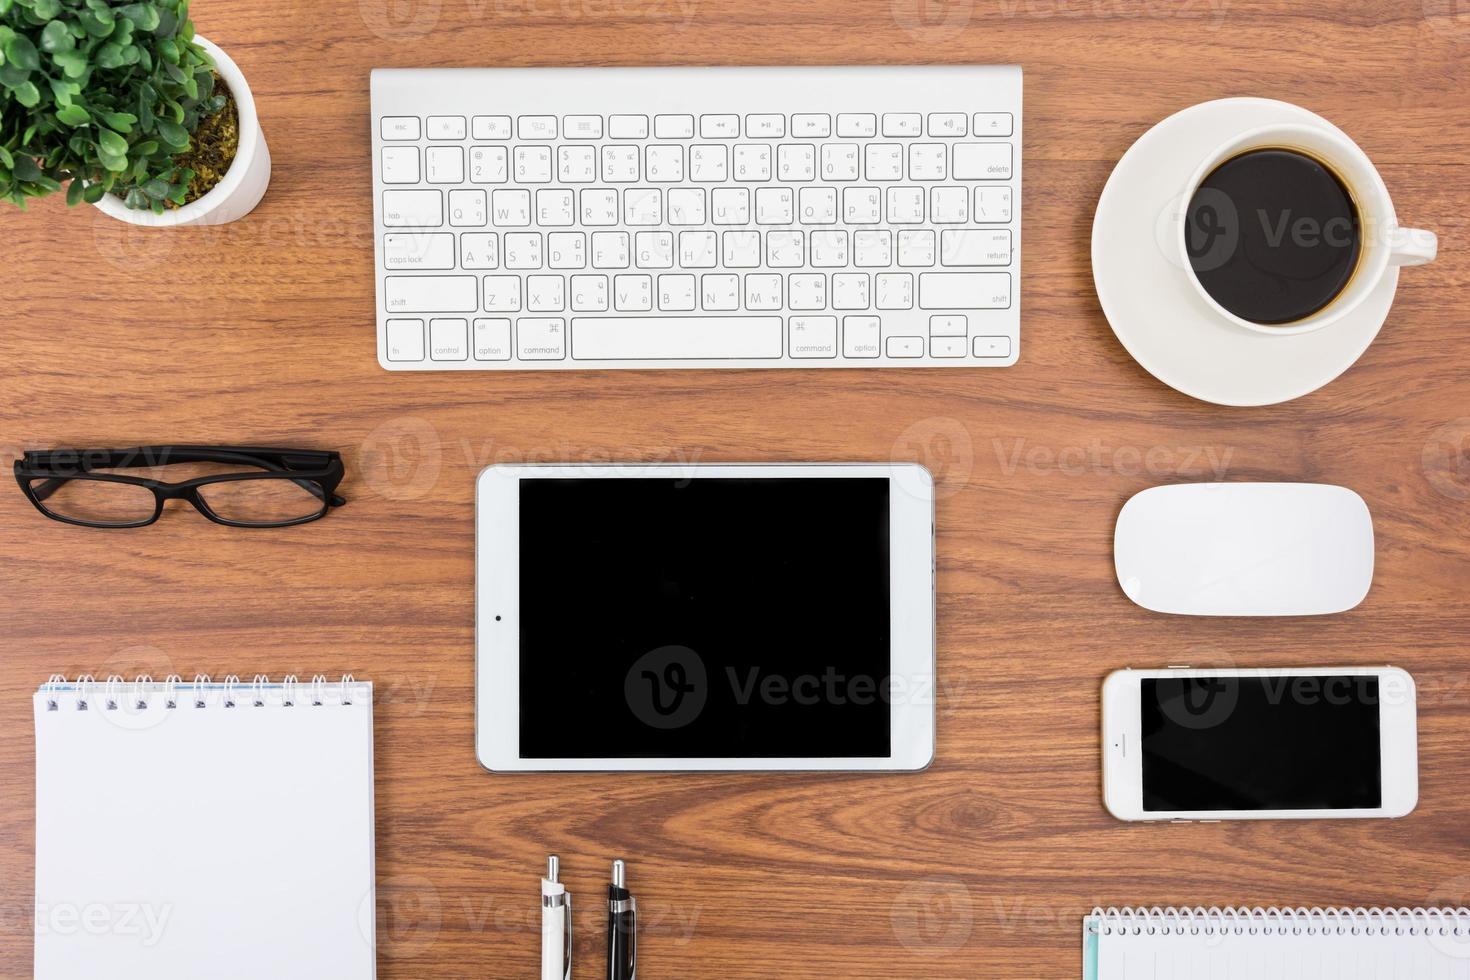 bureau met een toetsenbord, muis en pen foto